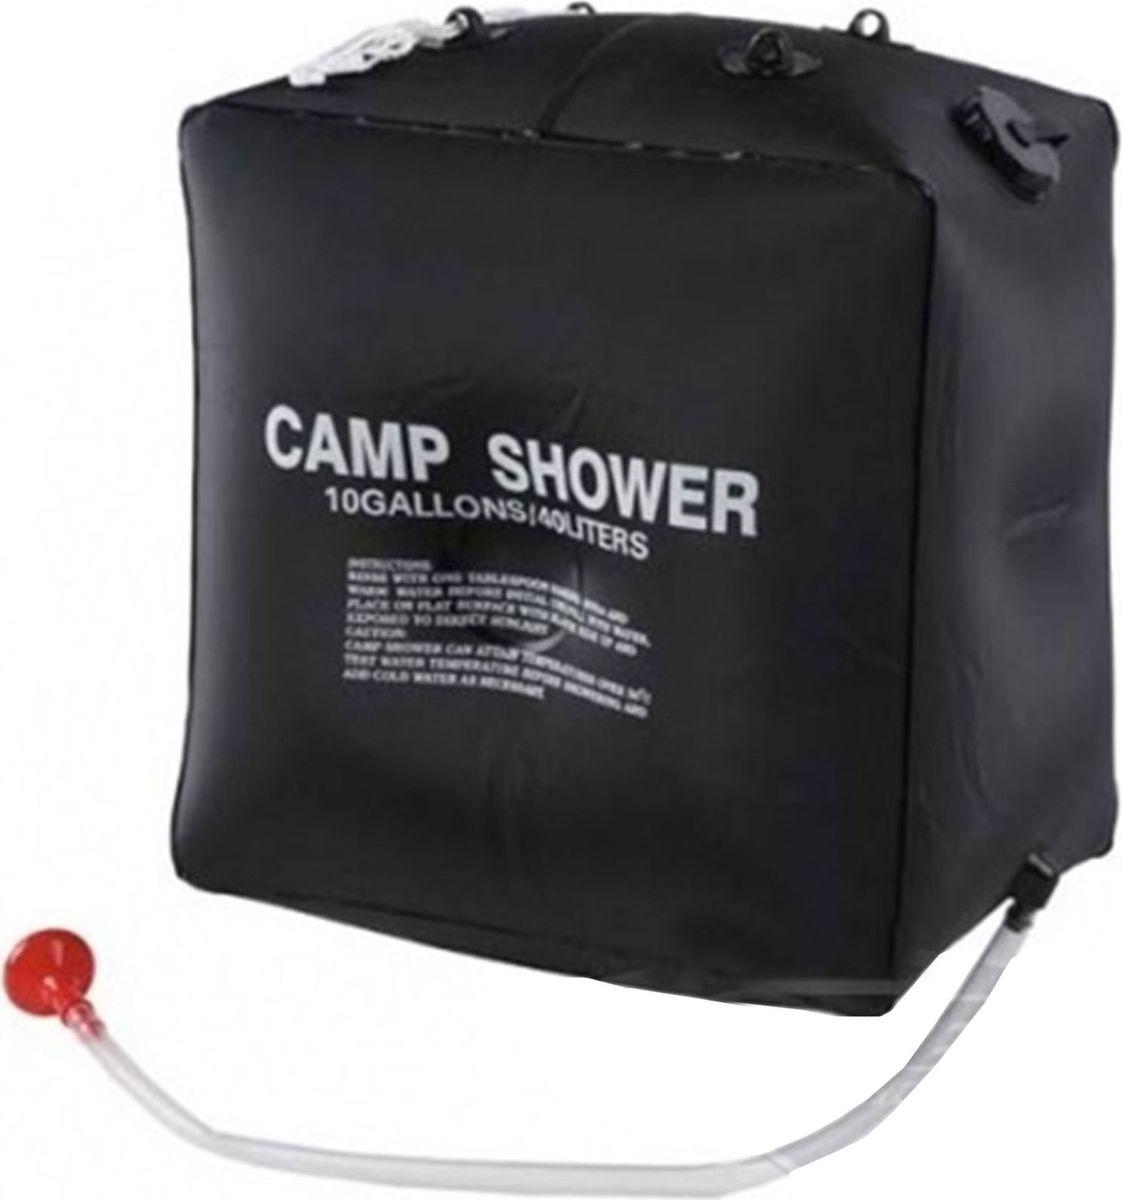 Душ садовый, 40 л09840-20.000.00Переносной душ — универсальный помощник в походе.Возьмите с собой в поход или поездку за город душ для туриста — в свёрнутом состоянии он поместится даже в рюкзак. Забудьте про пресловутые пластиковые бутылки! Закрепите устройство на любой ветке с помощью верёвки, находящейся в комплекте, и наслаждайтесь водными процедурами.Комплектация:резервуар с клапаном,гибкий шланг,верёвка,лейка.Преимущества Можно использовать как с тёплой, так и с холодной водой.Вода быстро нагревается на солнце благодаря чёрному цвету материала.Удобная большая горловина для наполнения водой.Характеристики Объем: 40 л.Материал: нетоксичный водонепроницаемый ПВХ.